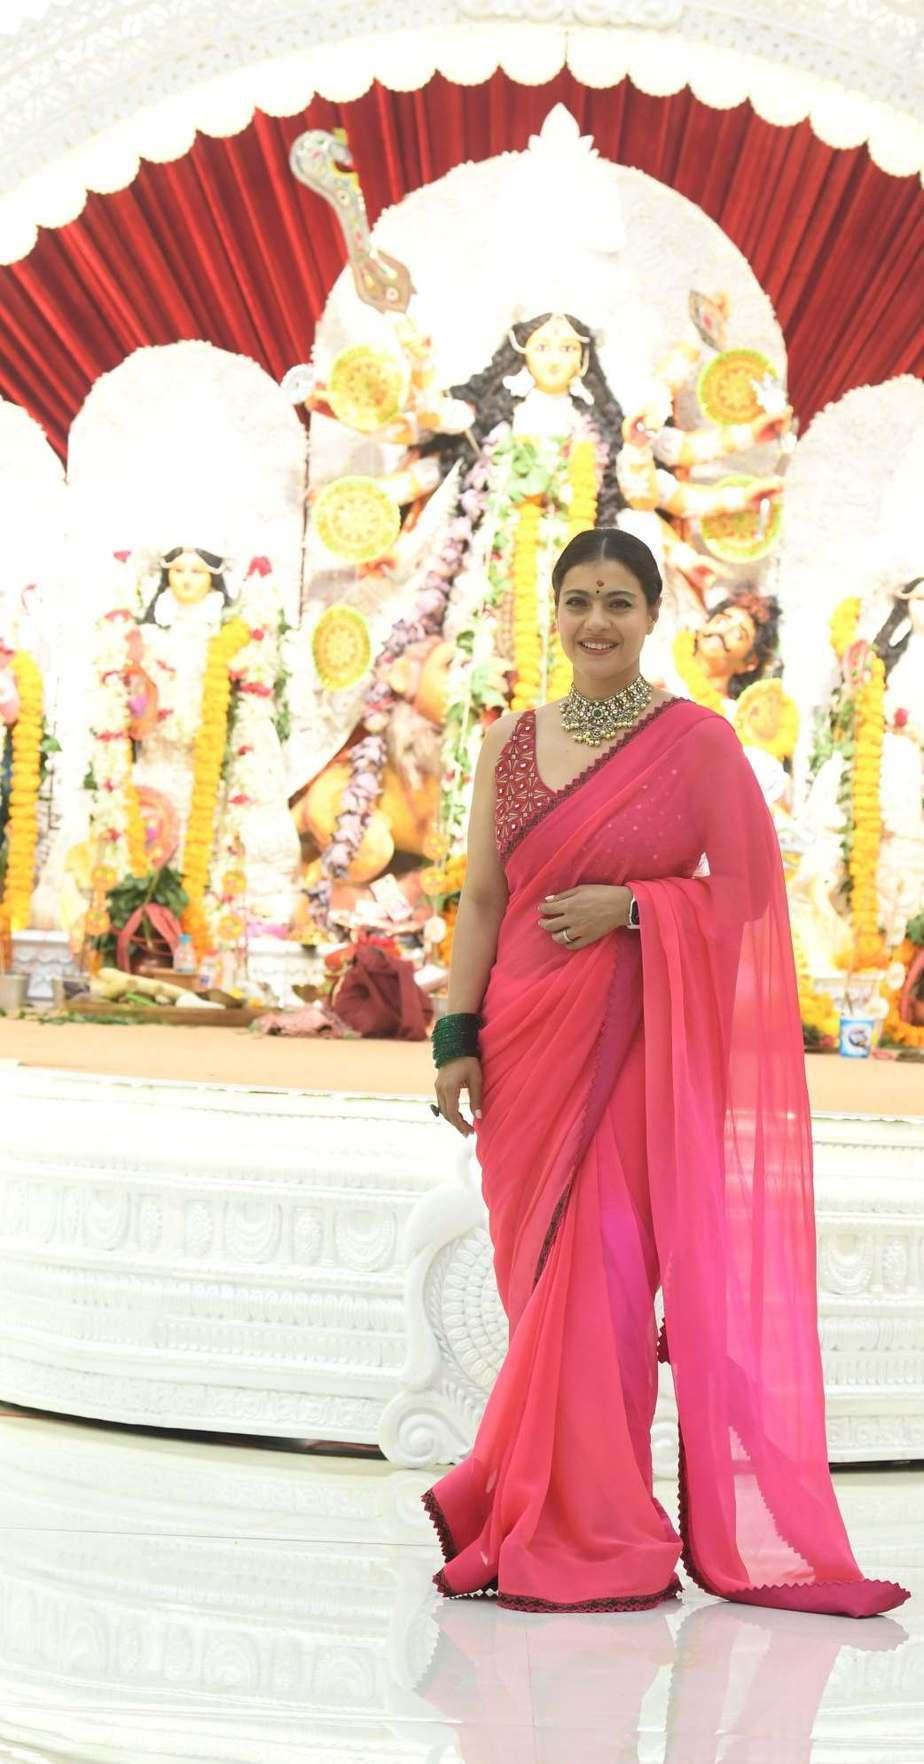 Kajol in pink saree by Punit balana for durga puja day1-1